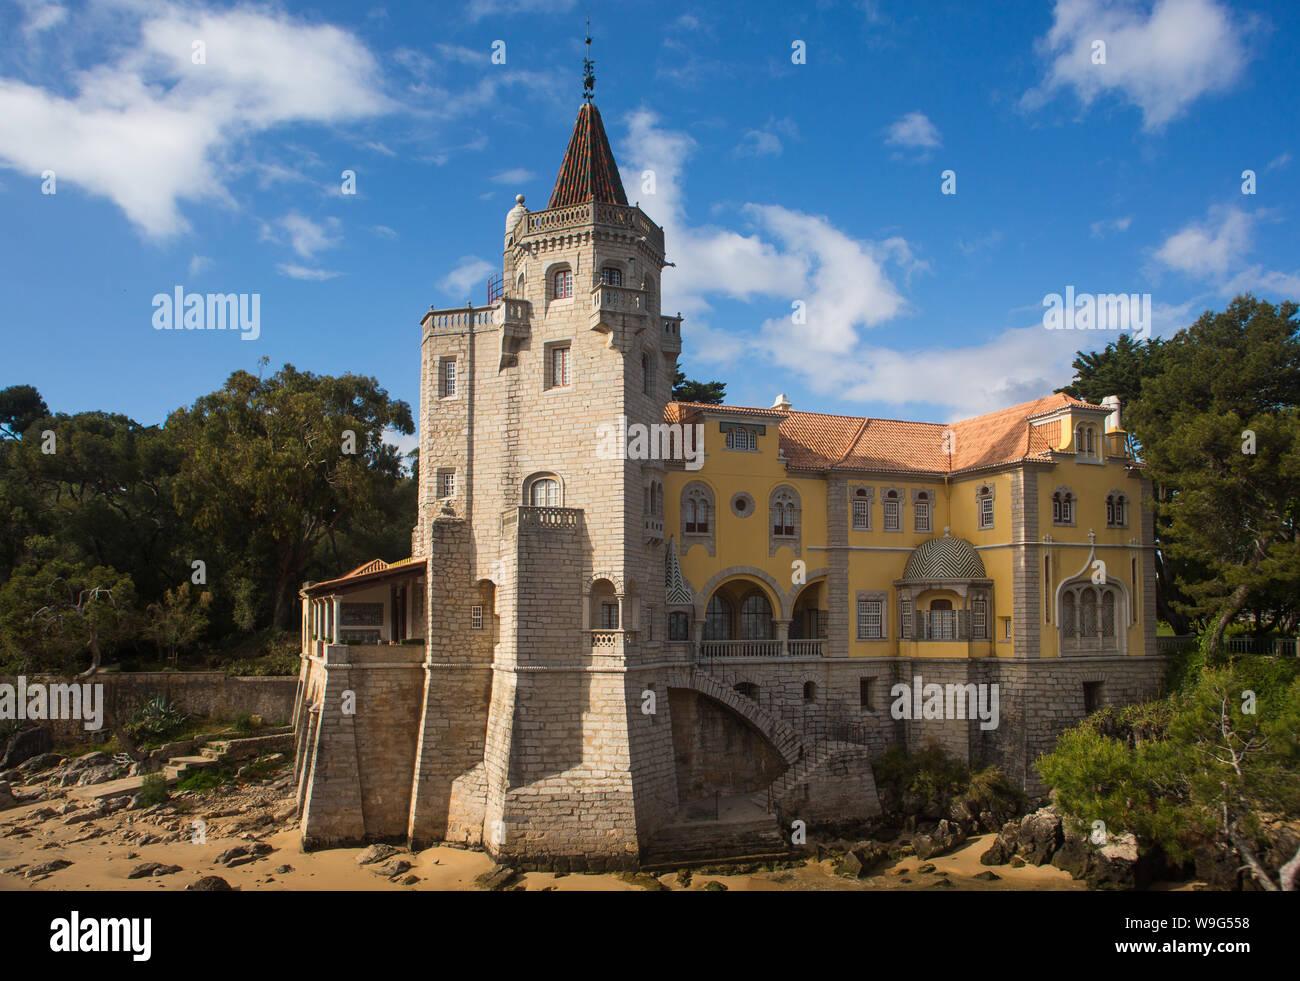 La arquitectura ecléctica del Museo Condes de Castro Guimaraes, anteriormente conocido como la Torre de S. Sebastião (Torre de San Sebastián) en Cascais, Portugal Foto de stock